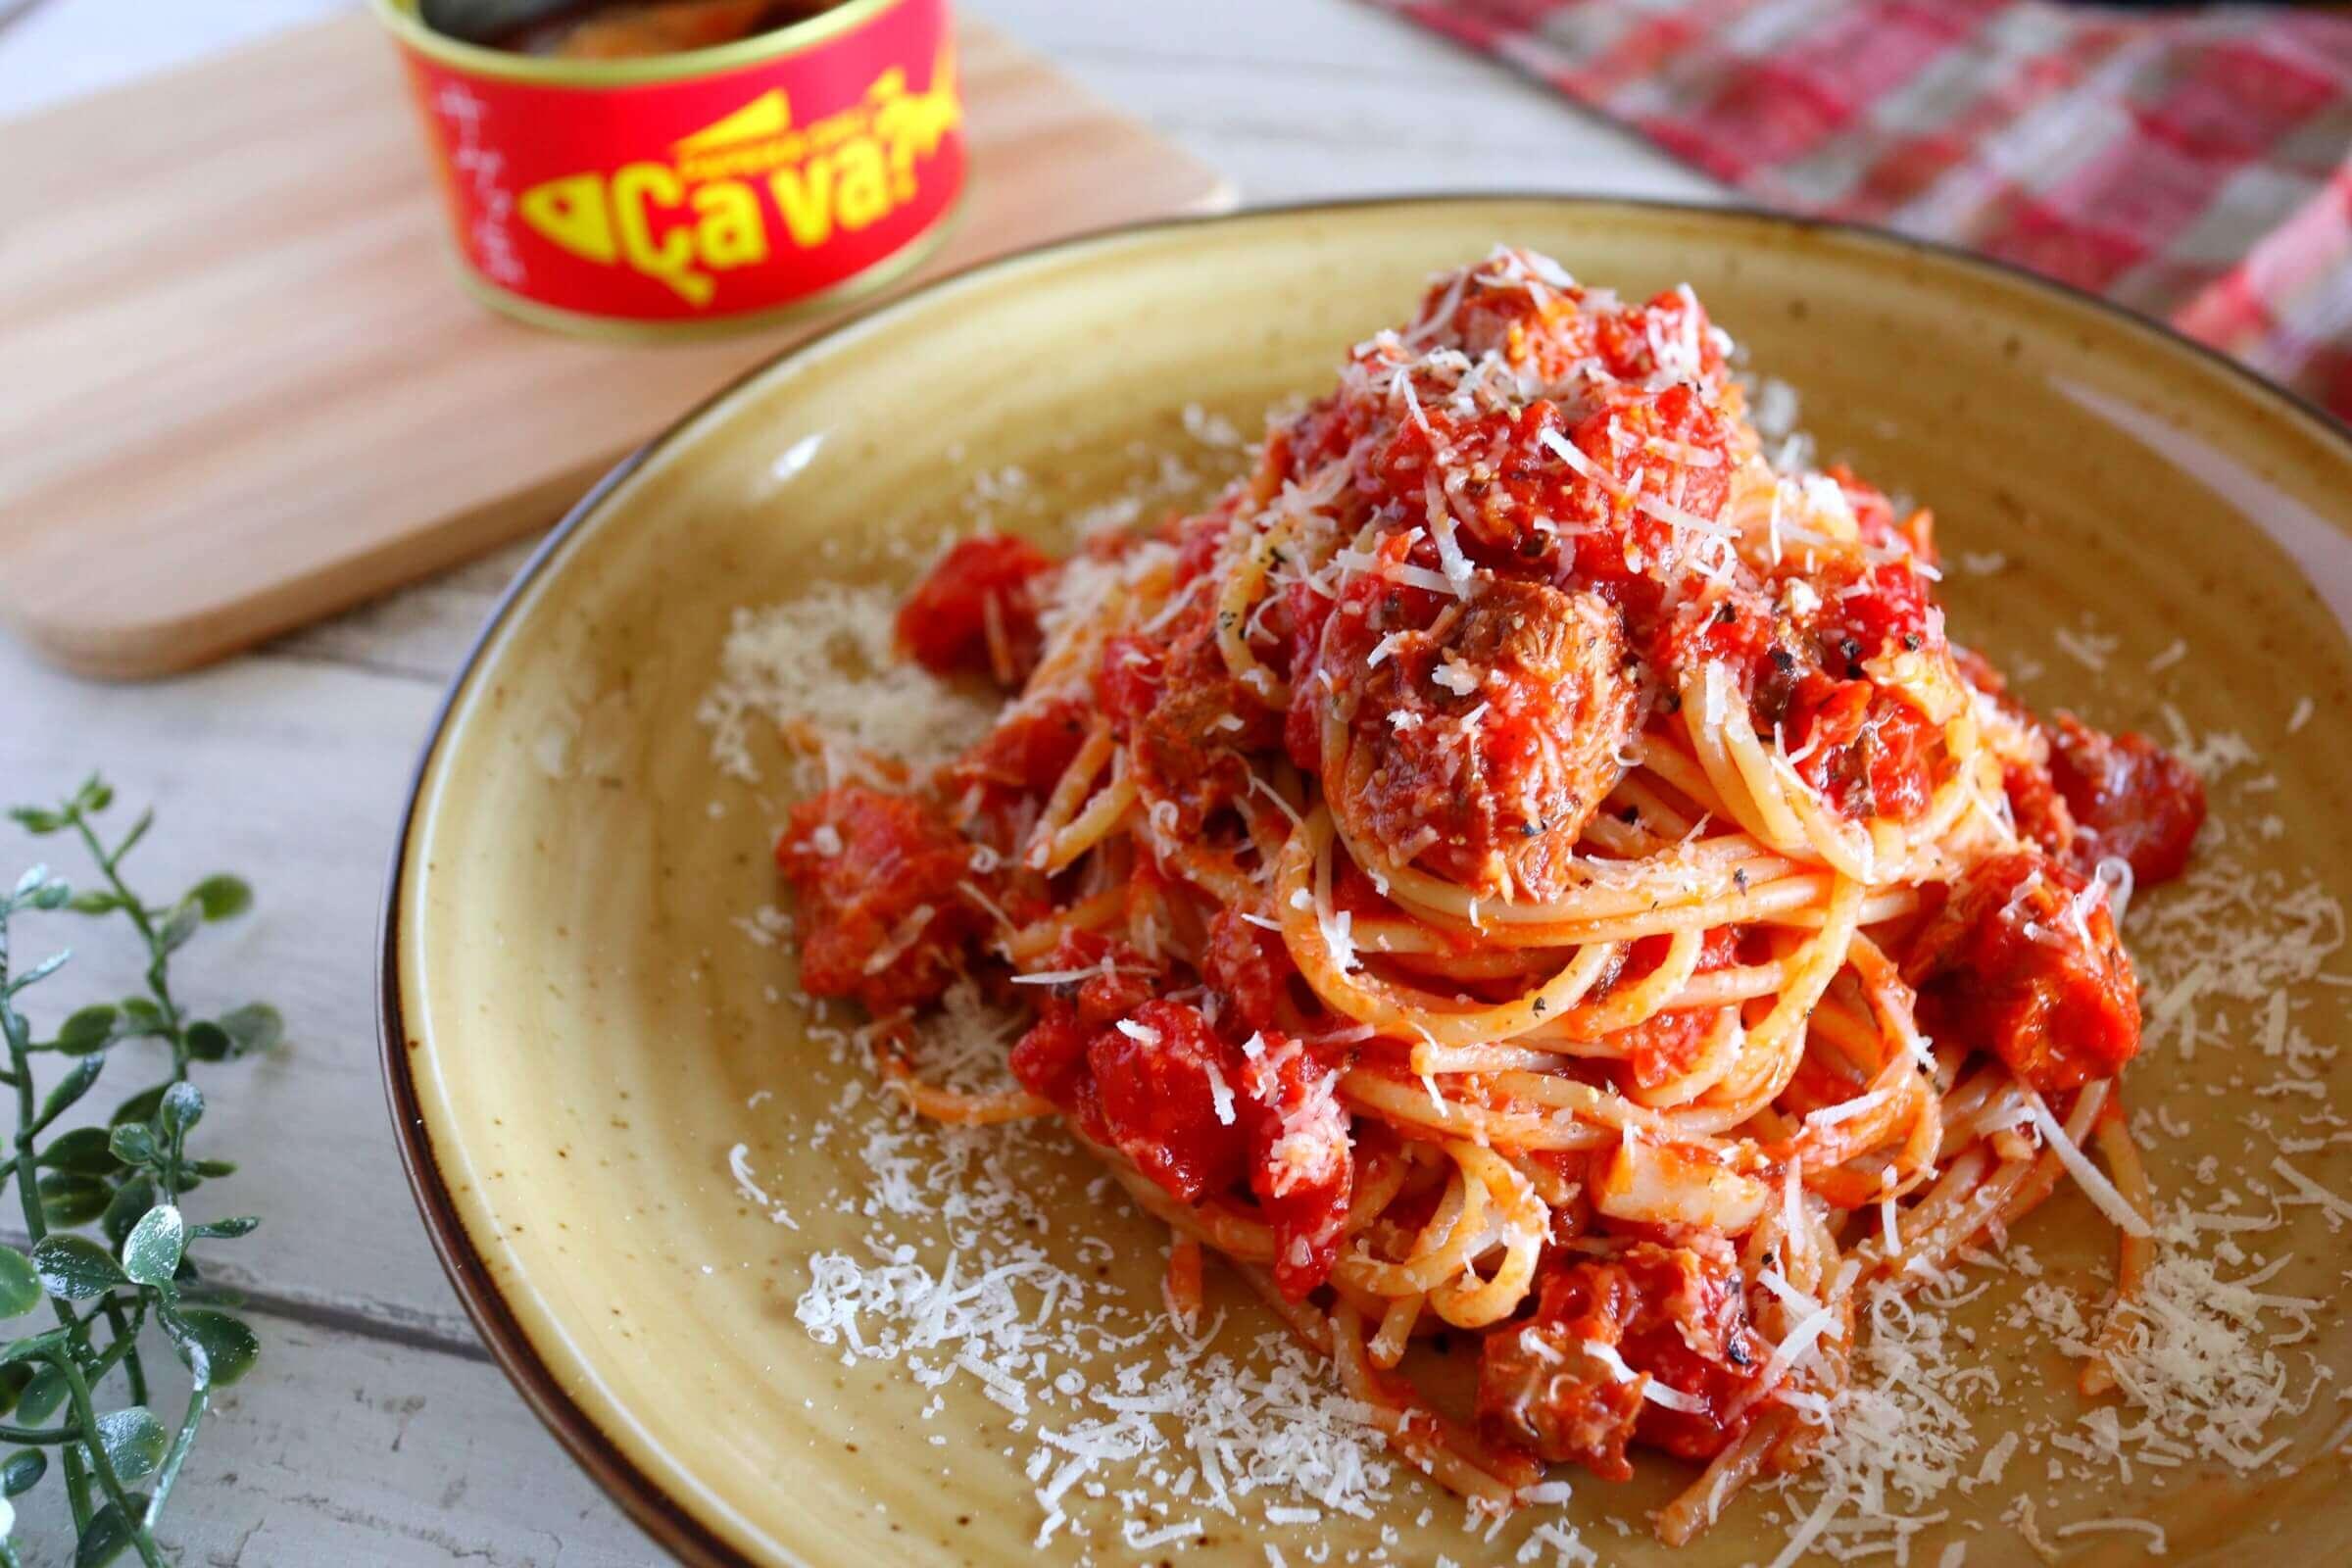 【激うま!】鯖缶トマトパスタ(サヴァ缶ver)のレシピ